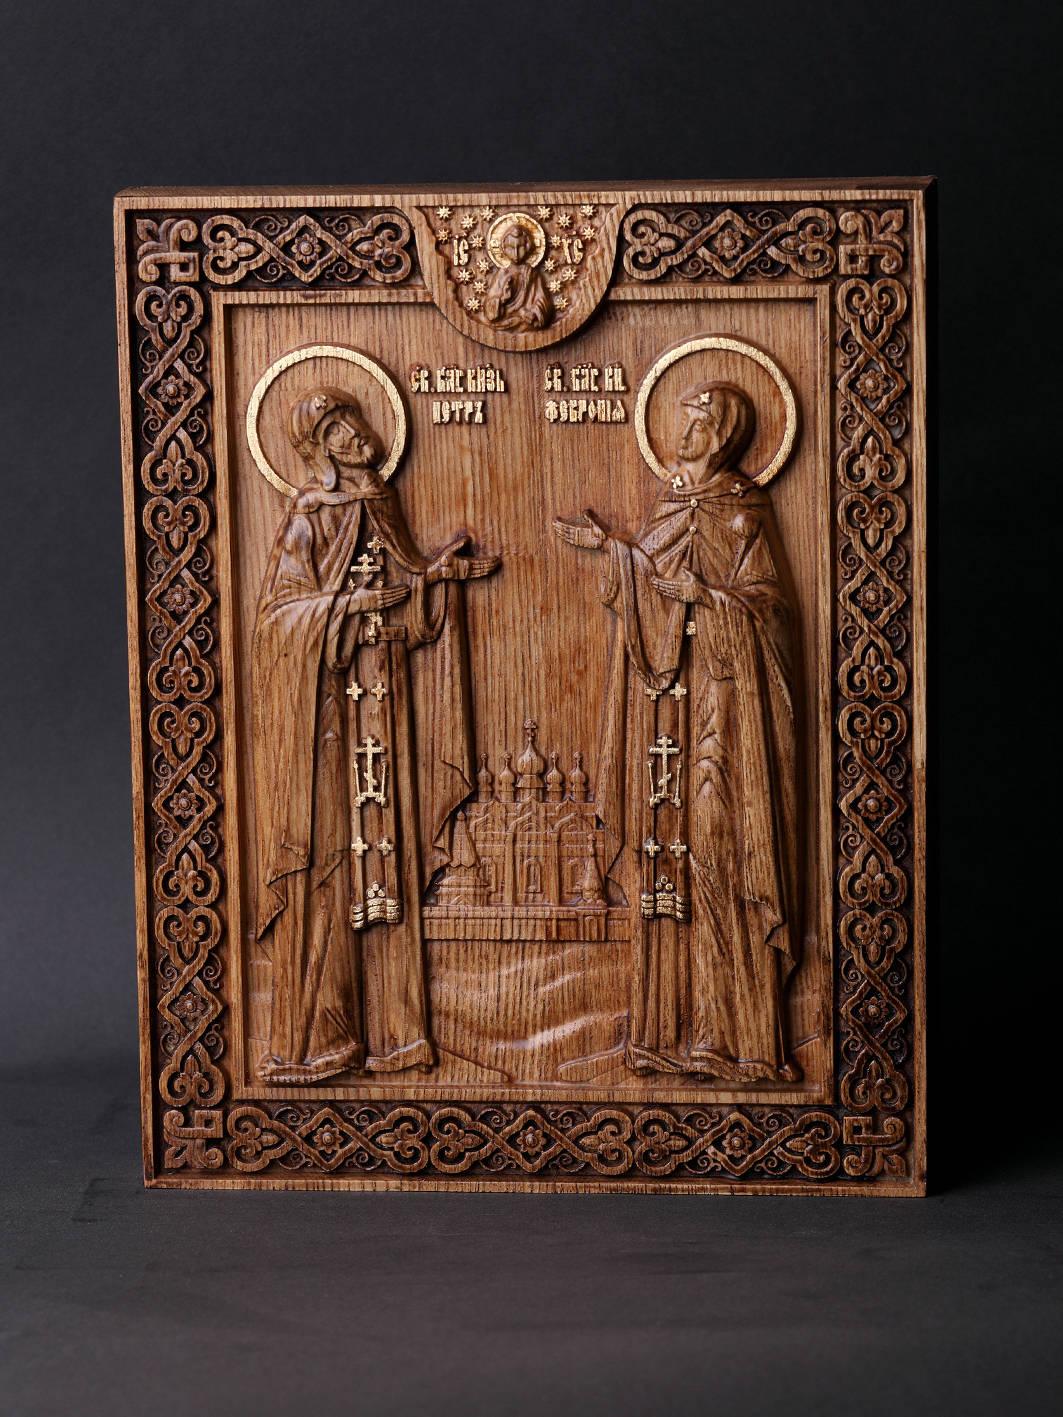 Святые князья Муромские Пётр и Февронья. Материал дерево ясень.Сусальное золото,воски. Размер 18х22,5см